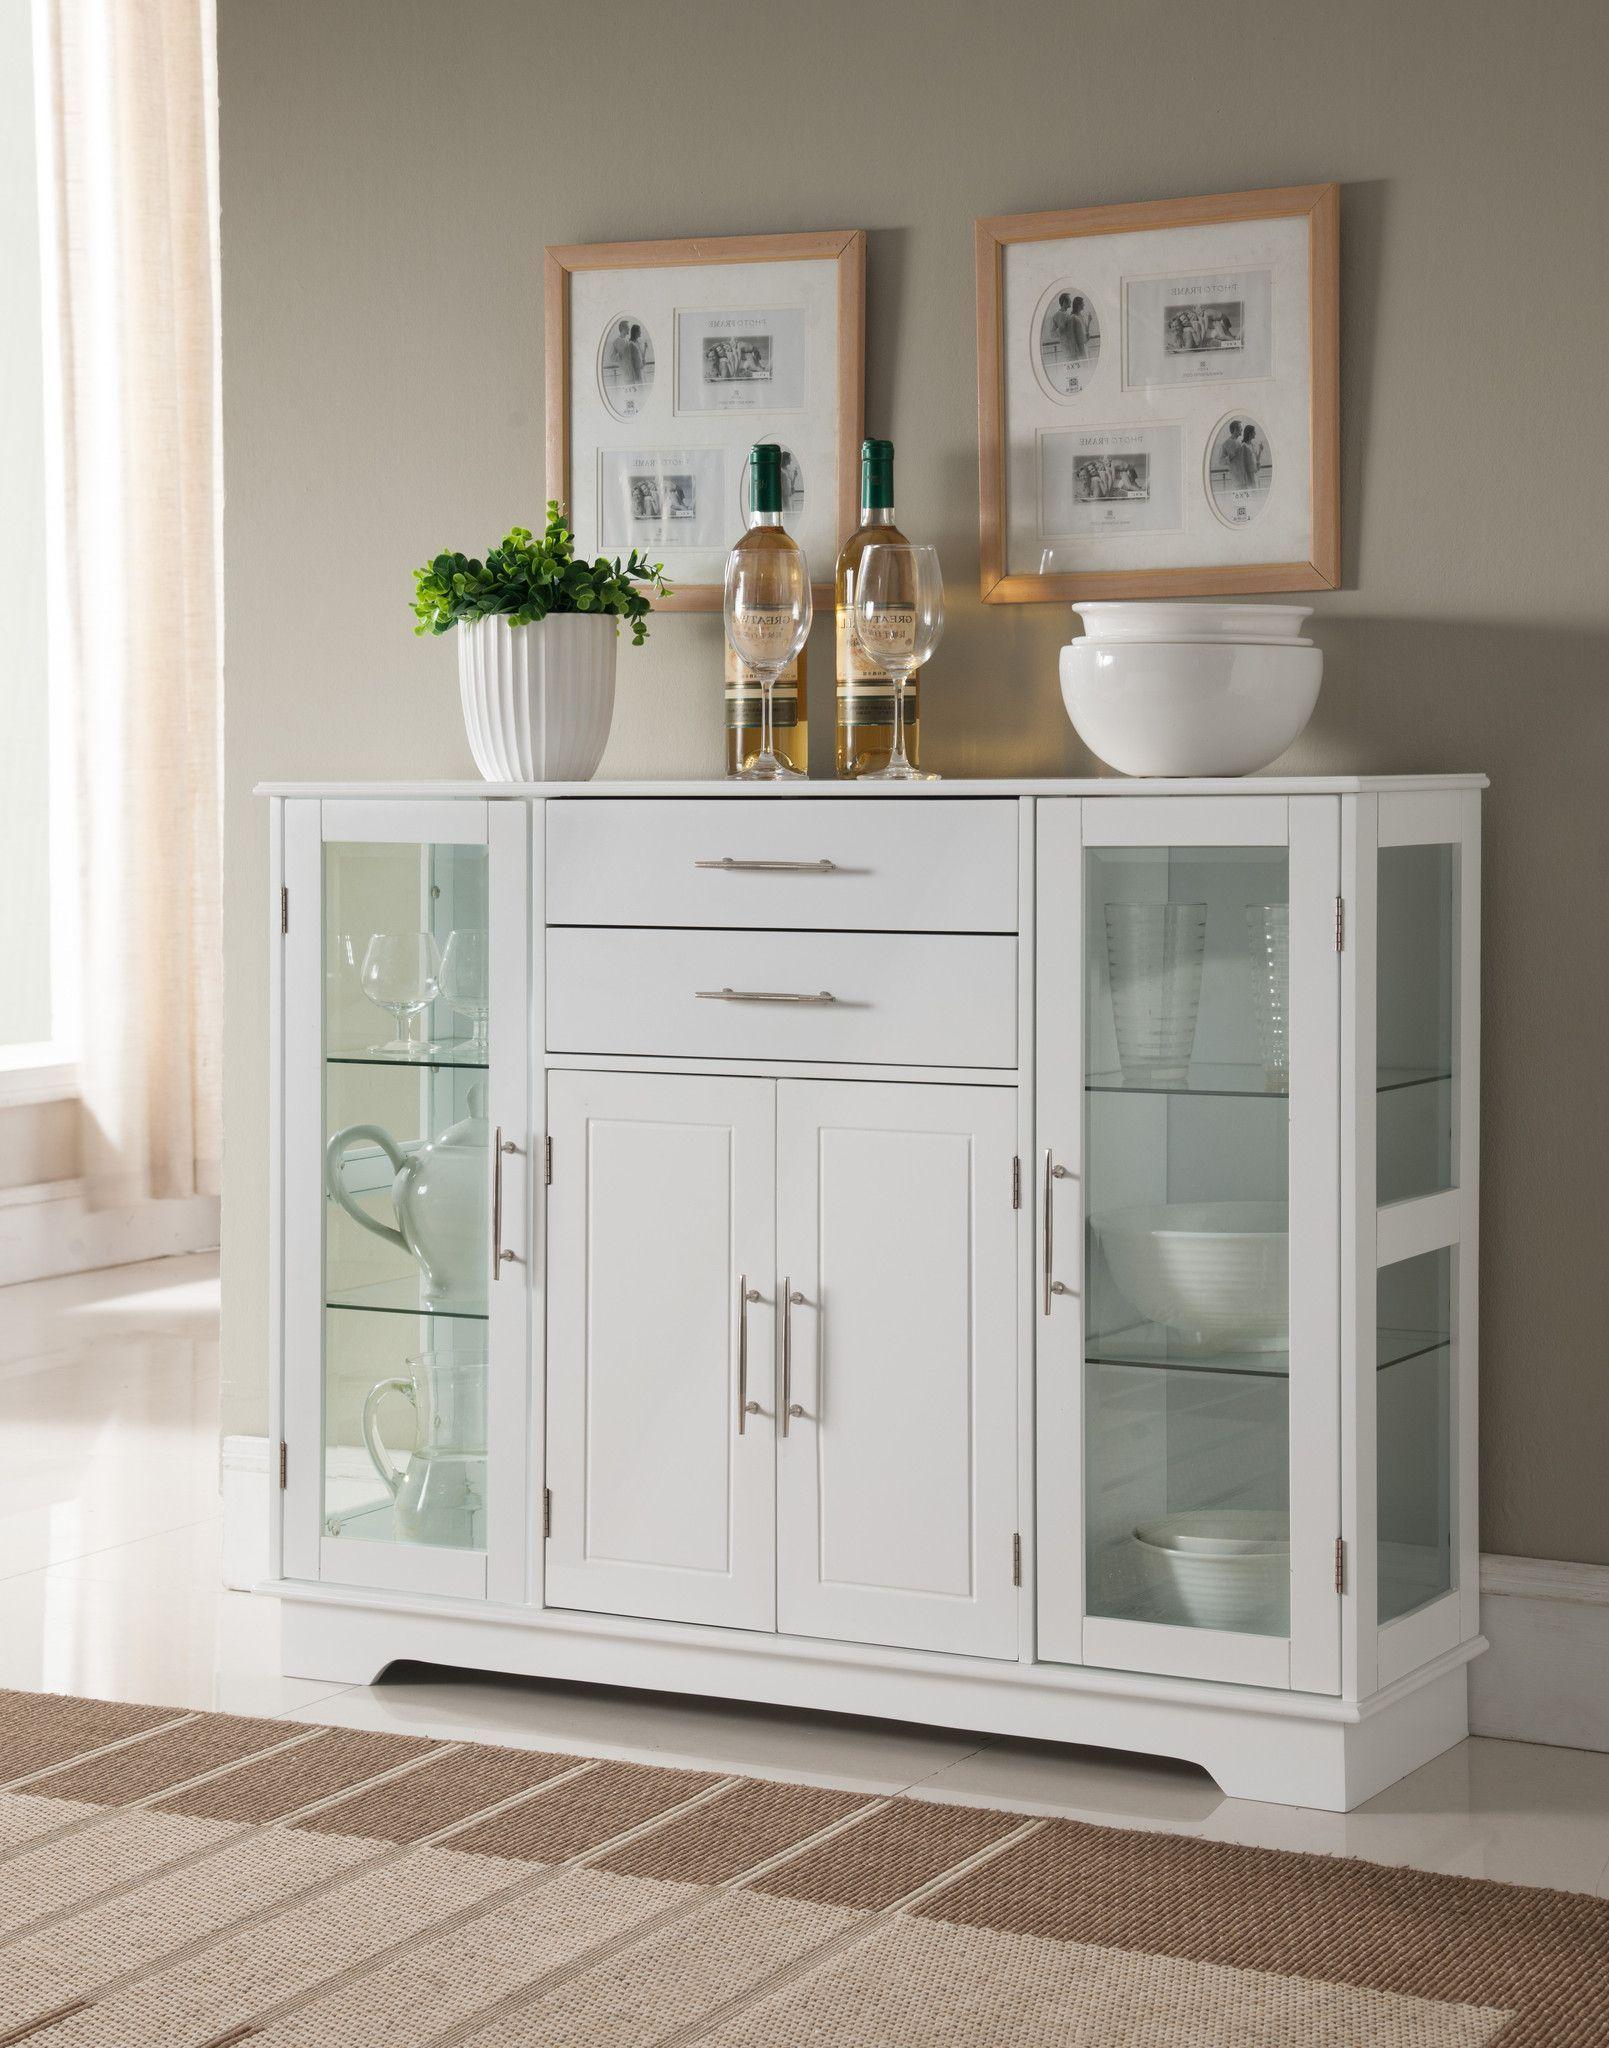 Pilaster Designs White Wood Kitchen Storage Display